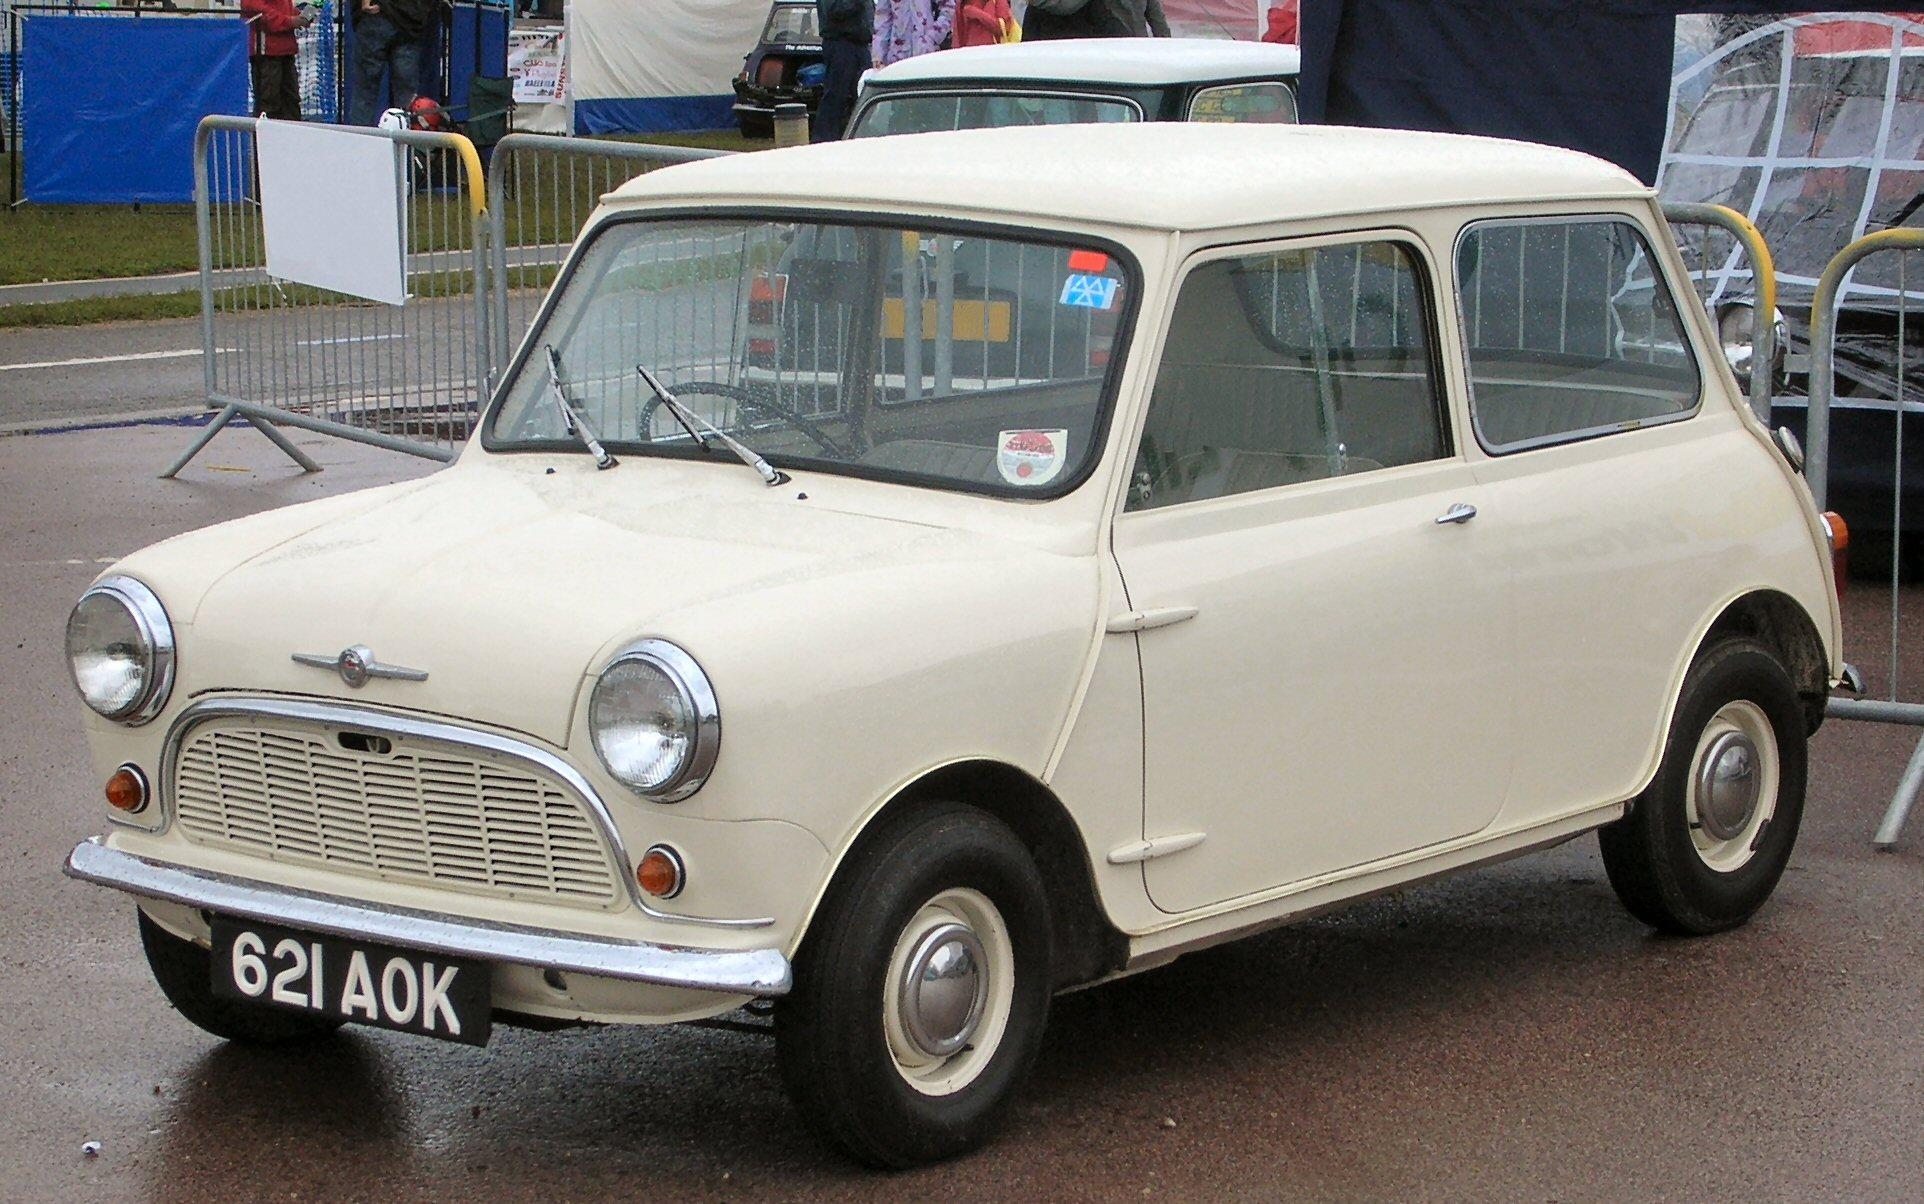 Morris_Mini-Minor_1959_(621_AOK)